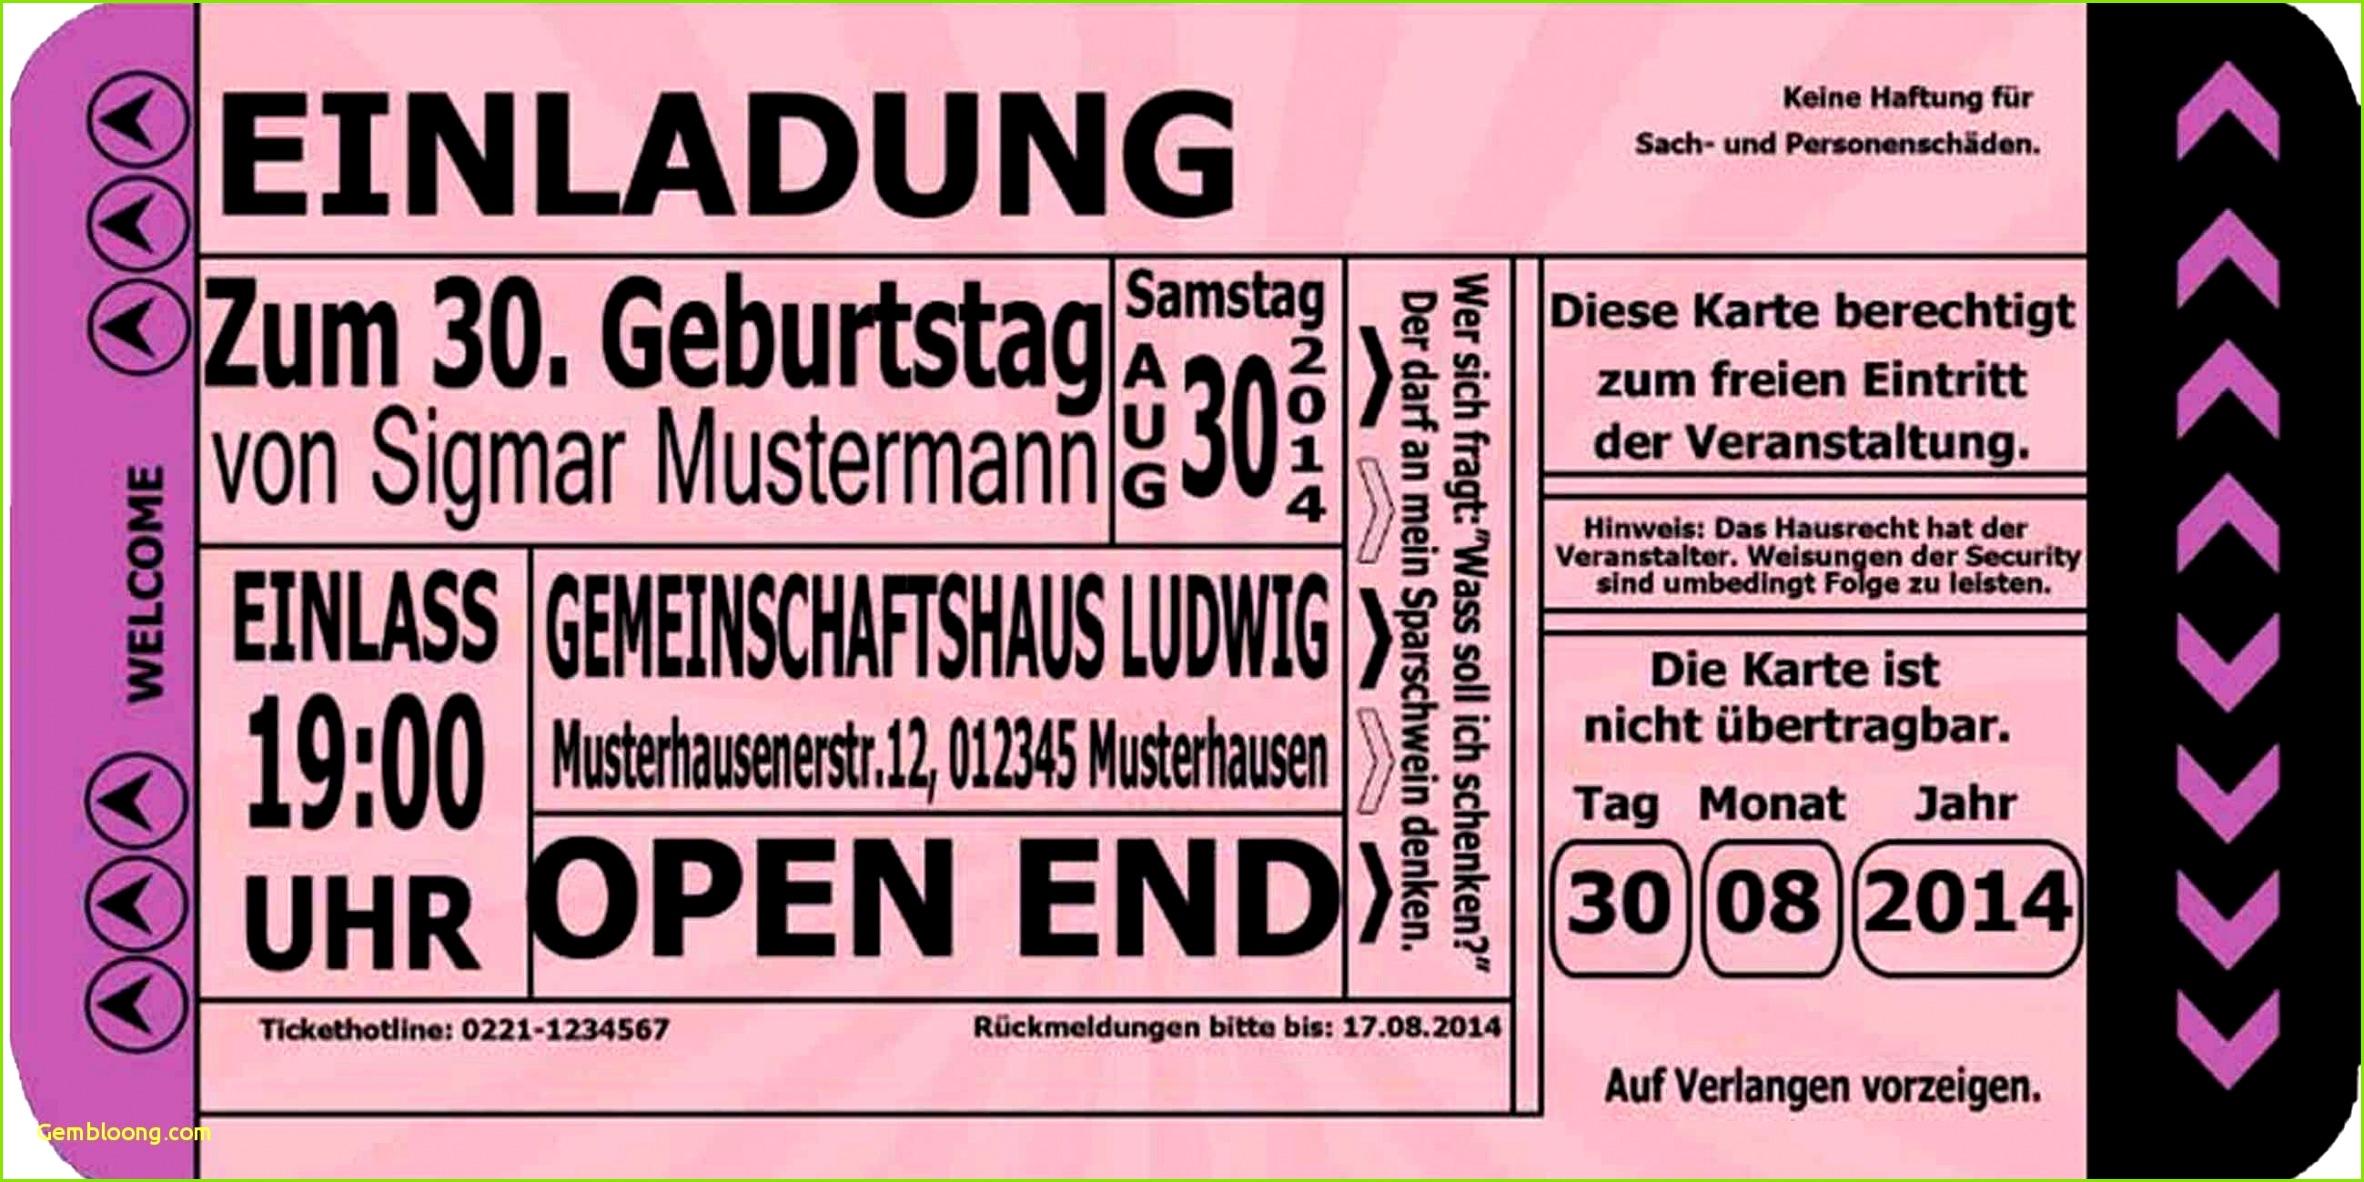 Einladungskarten 18 Geburtstag Vorlagen Einladungskarten Vorlagen Geburtstag Vorlagen Einladungen 0d